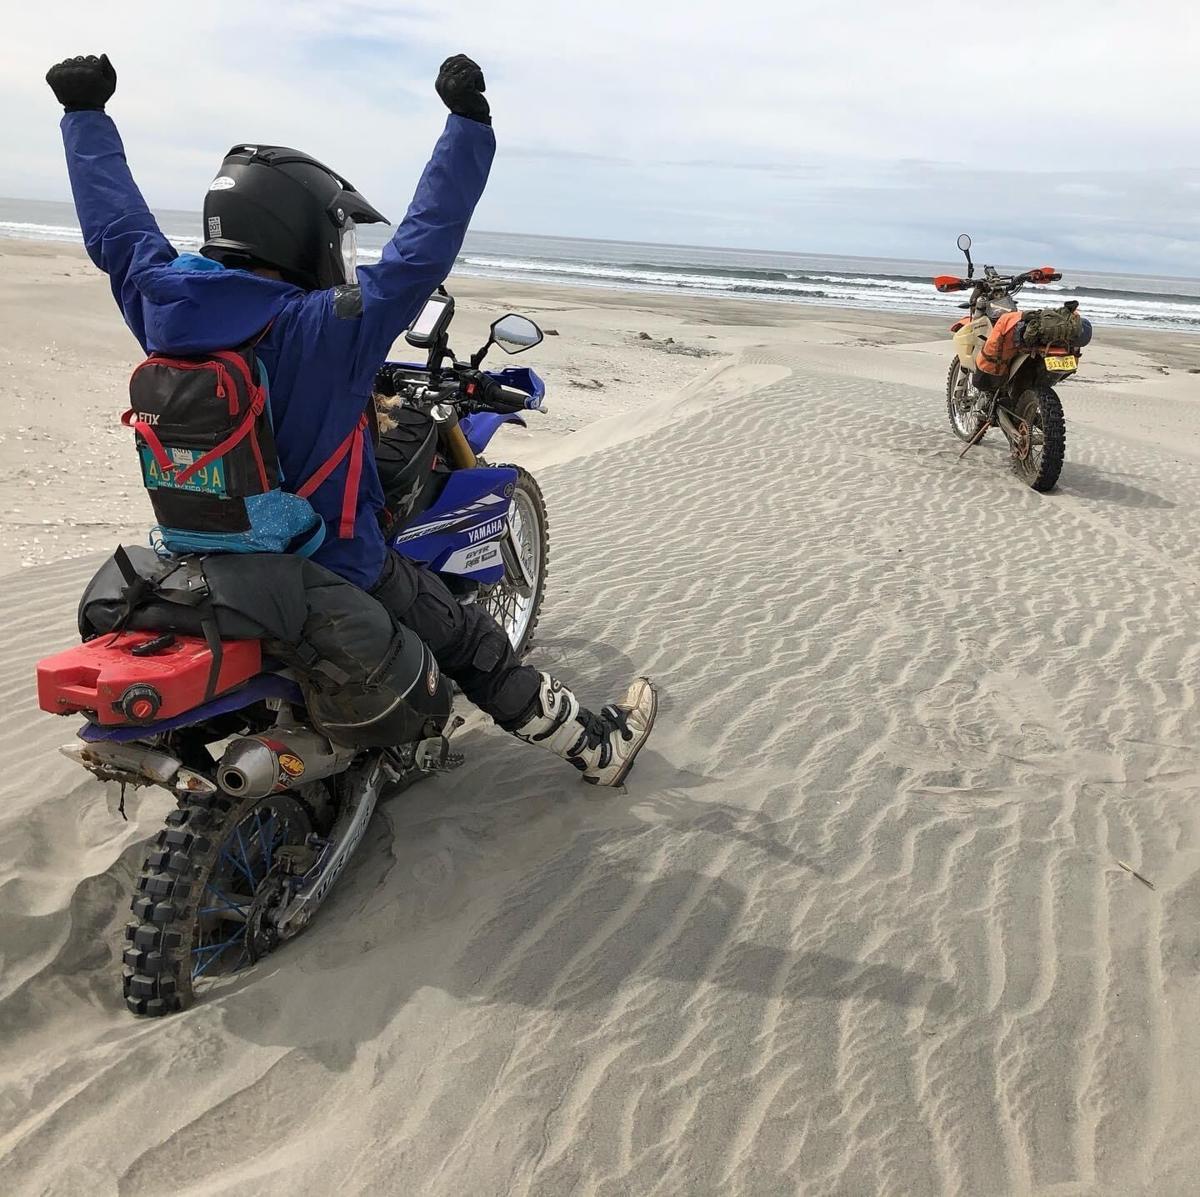 Baja by dirt bike